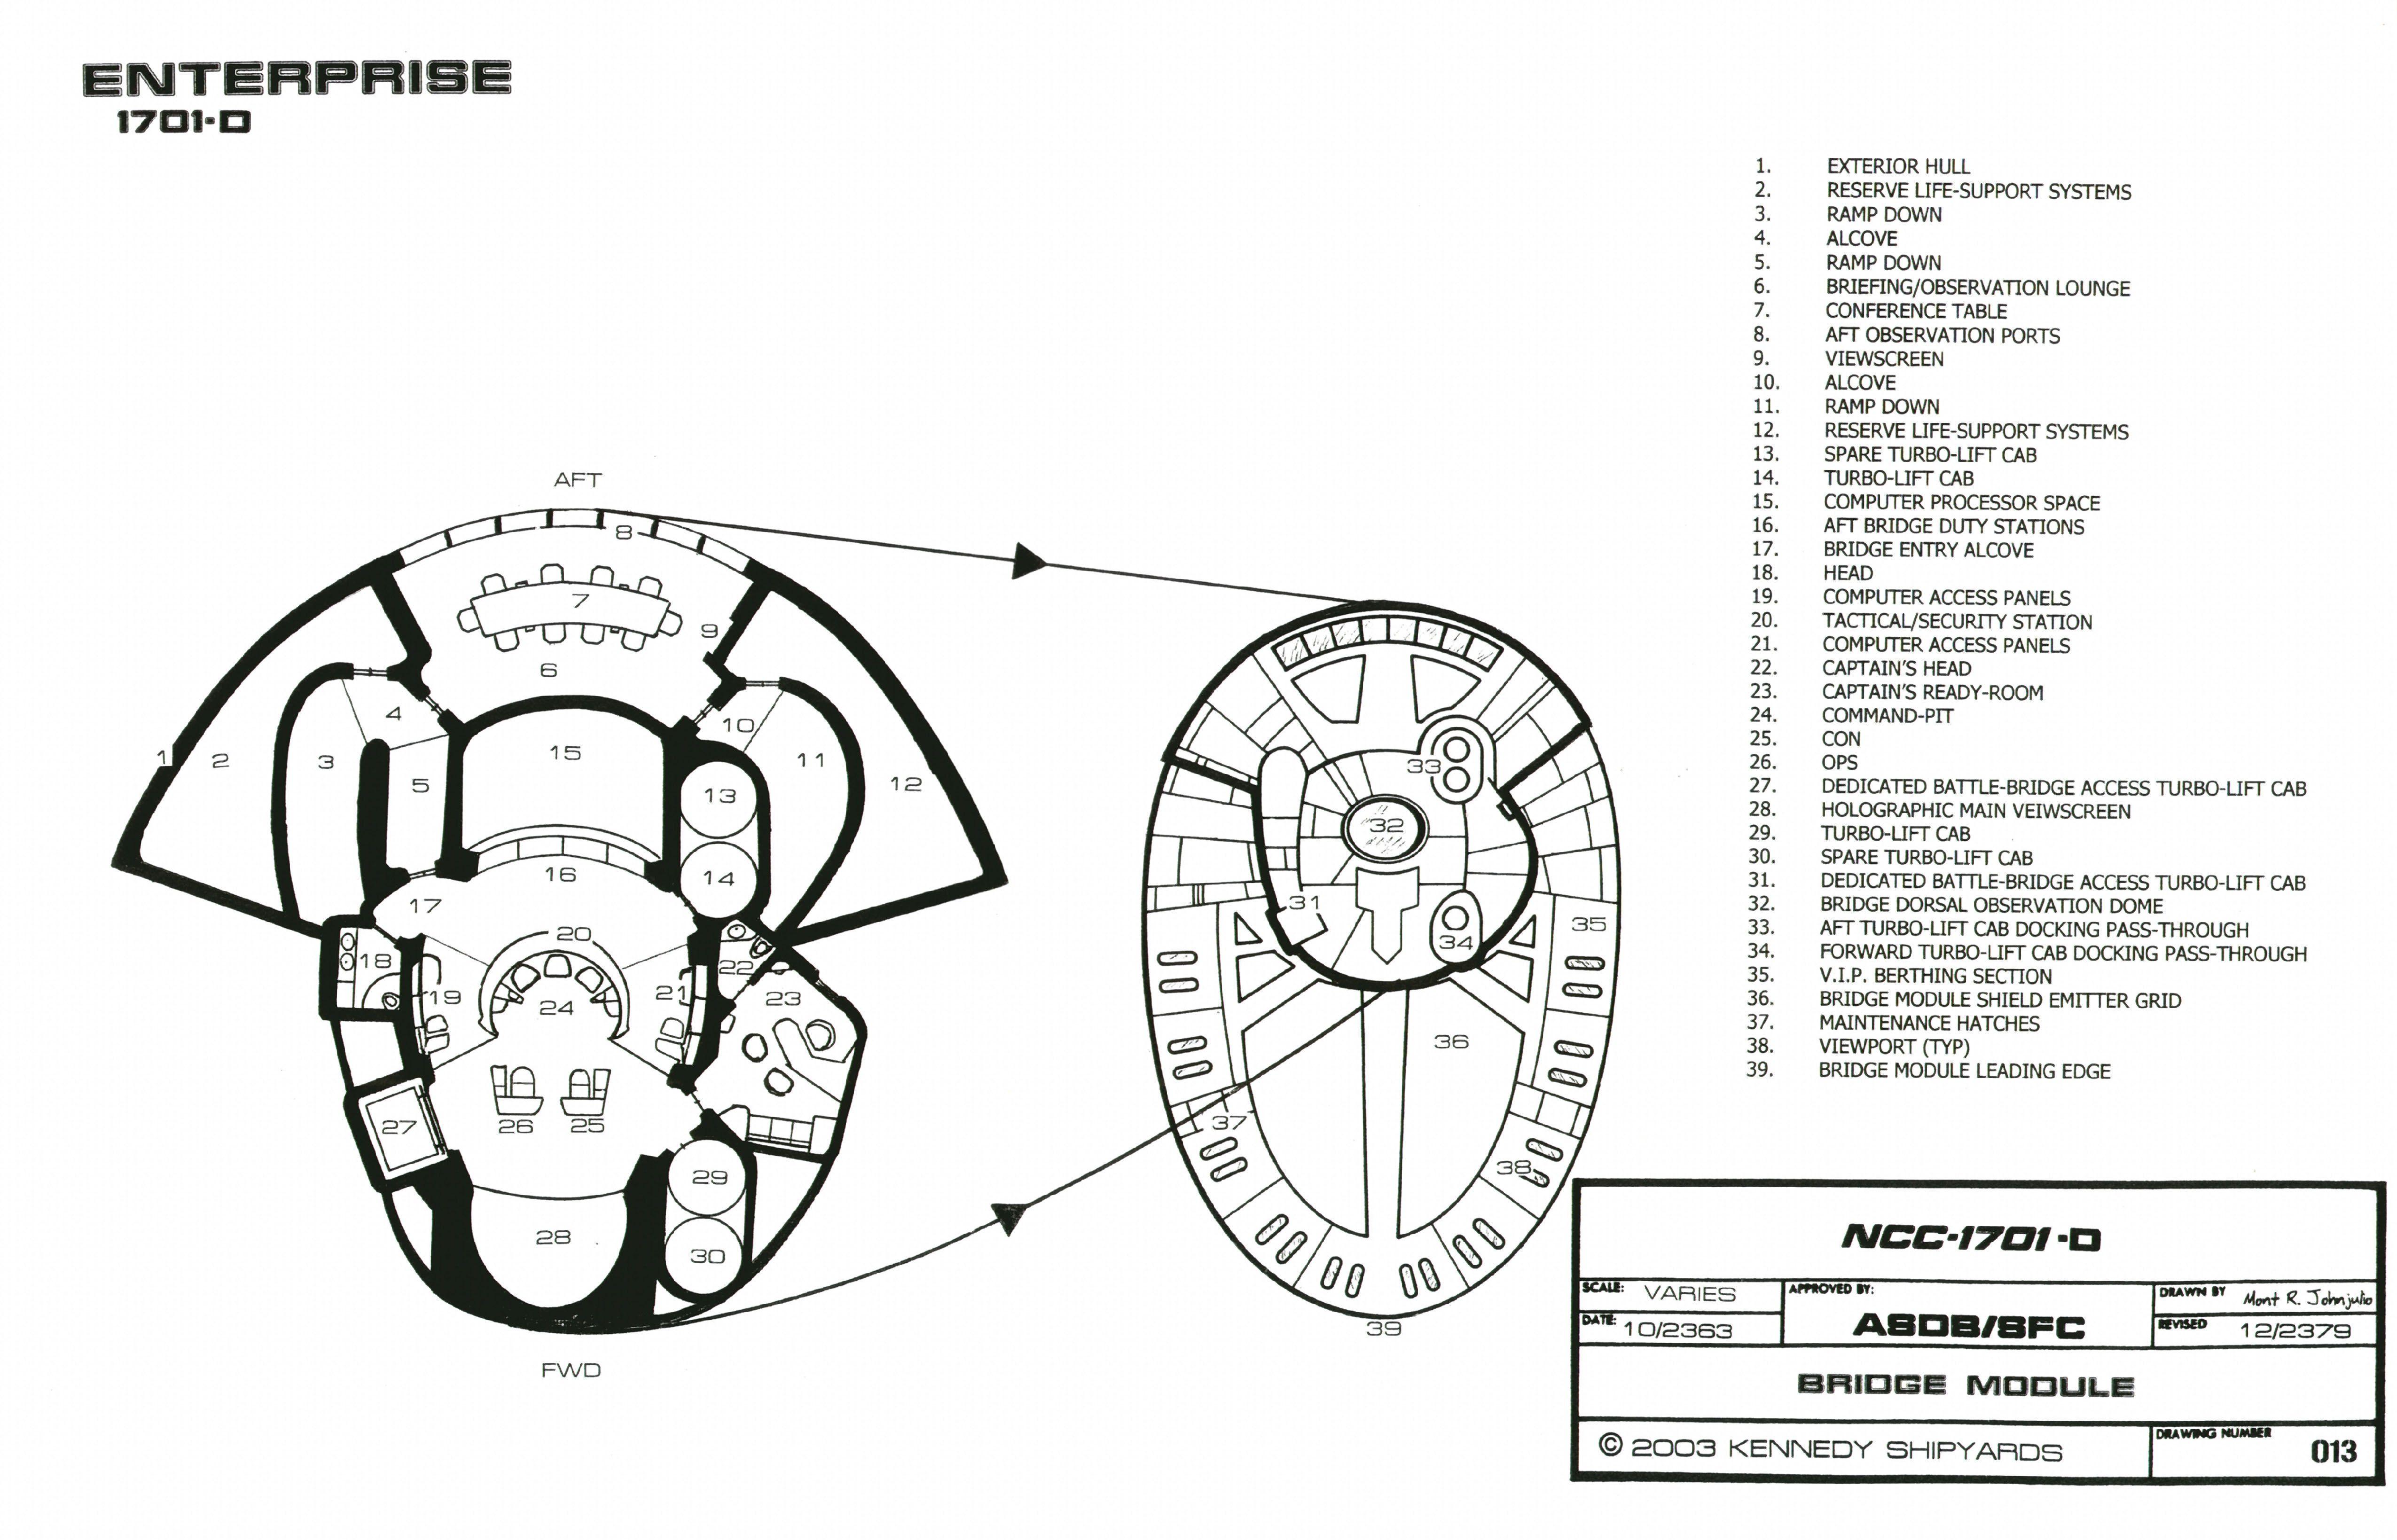 Schematic Of U S S Enterprise Ncc D